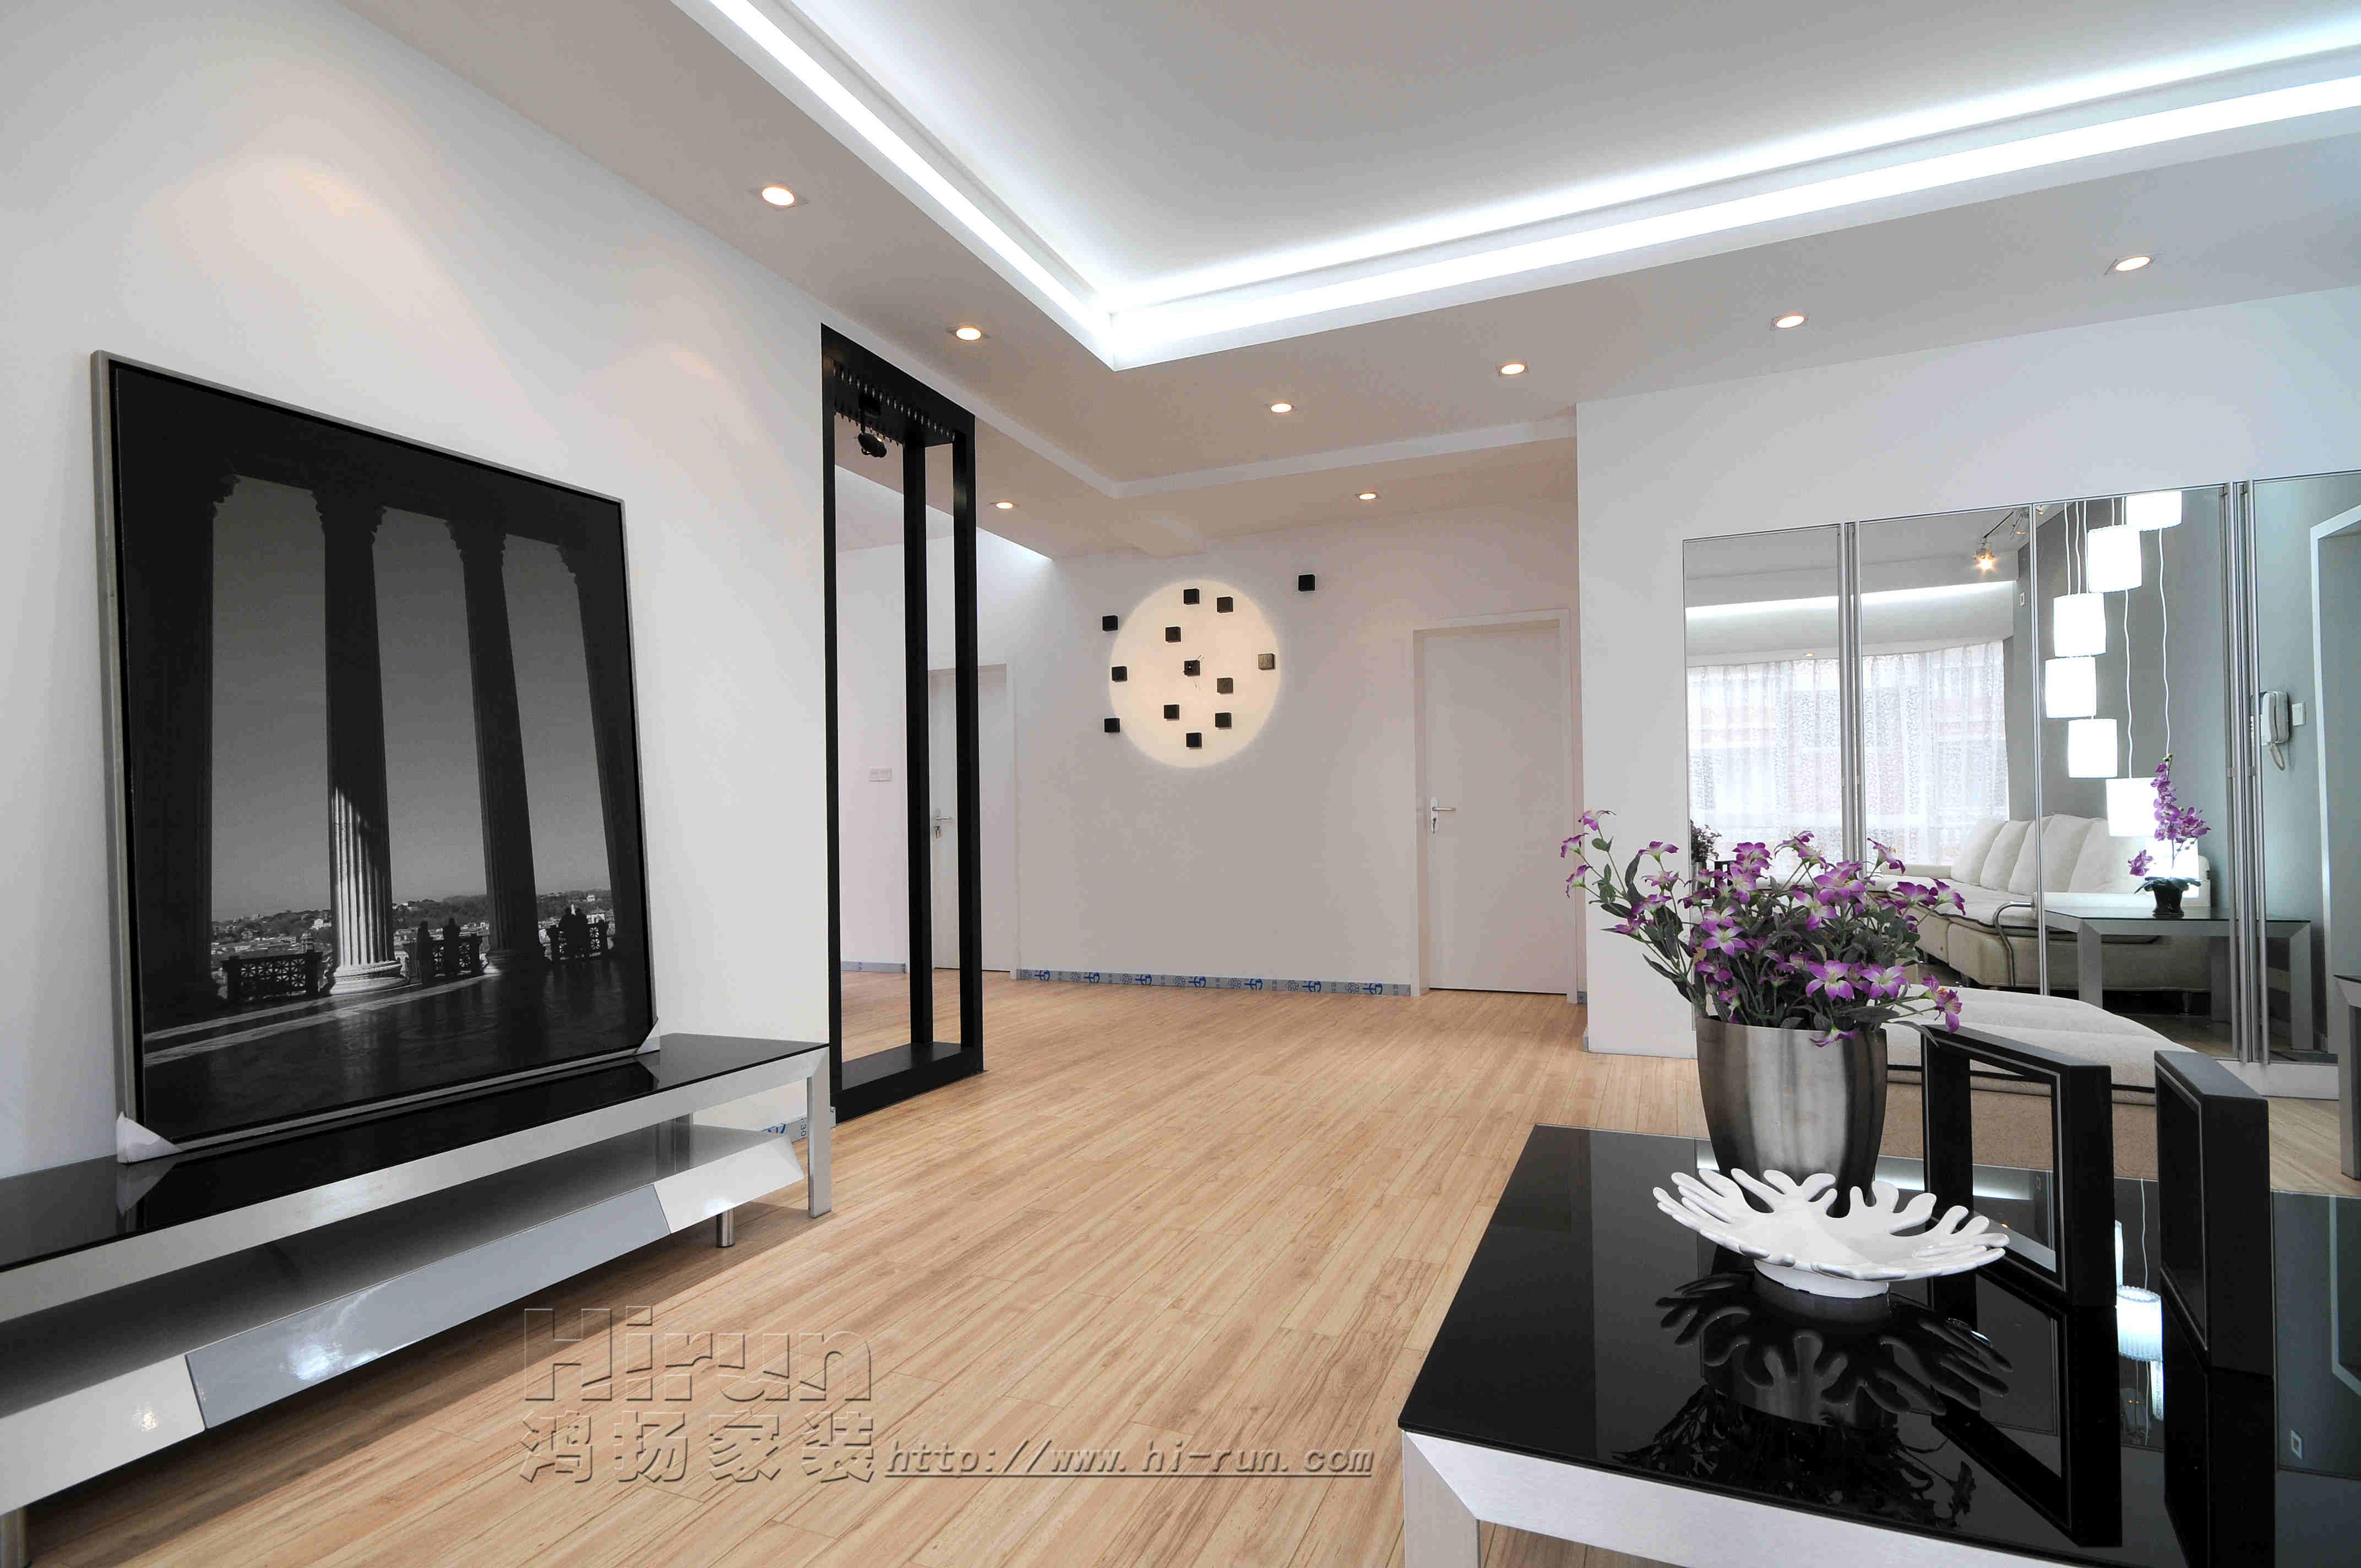 客厅图片来自鸿扬家装武汉分公司在常青花园五小区136-鸿扬家装的分享